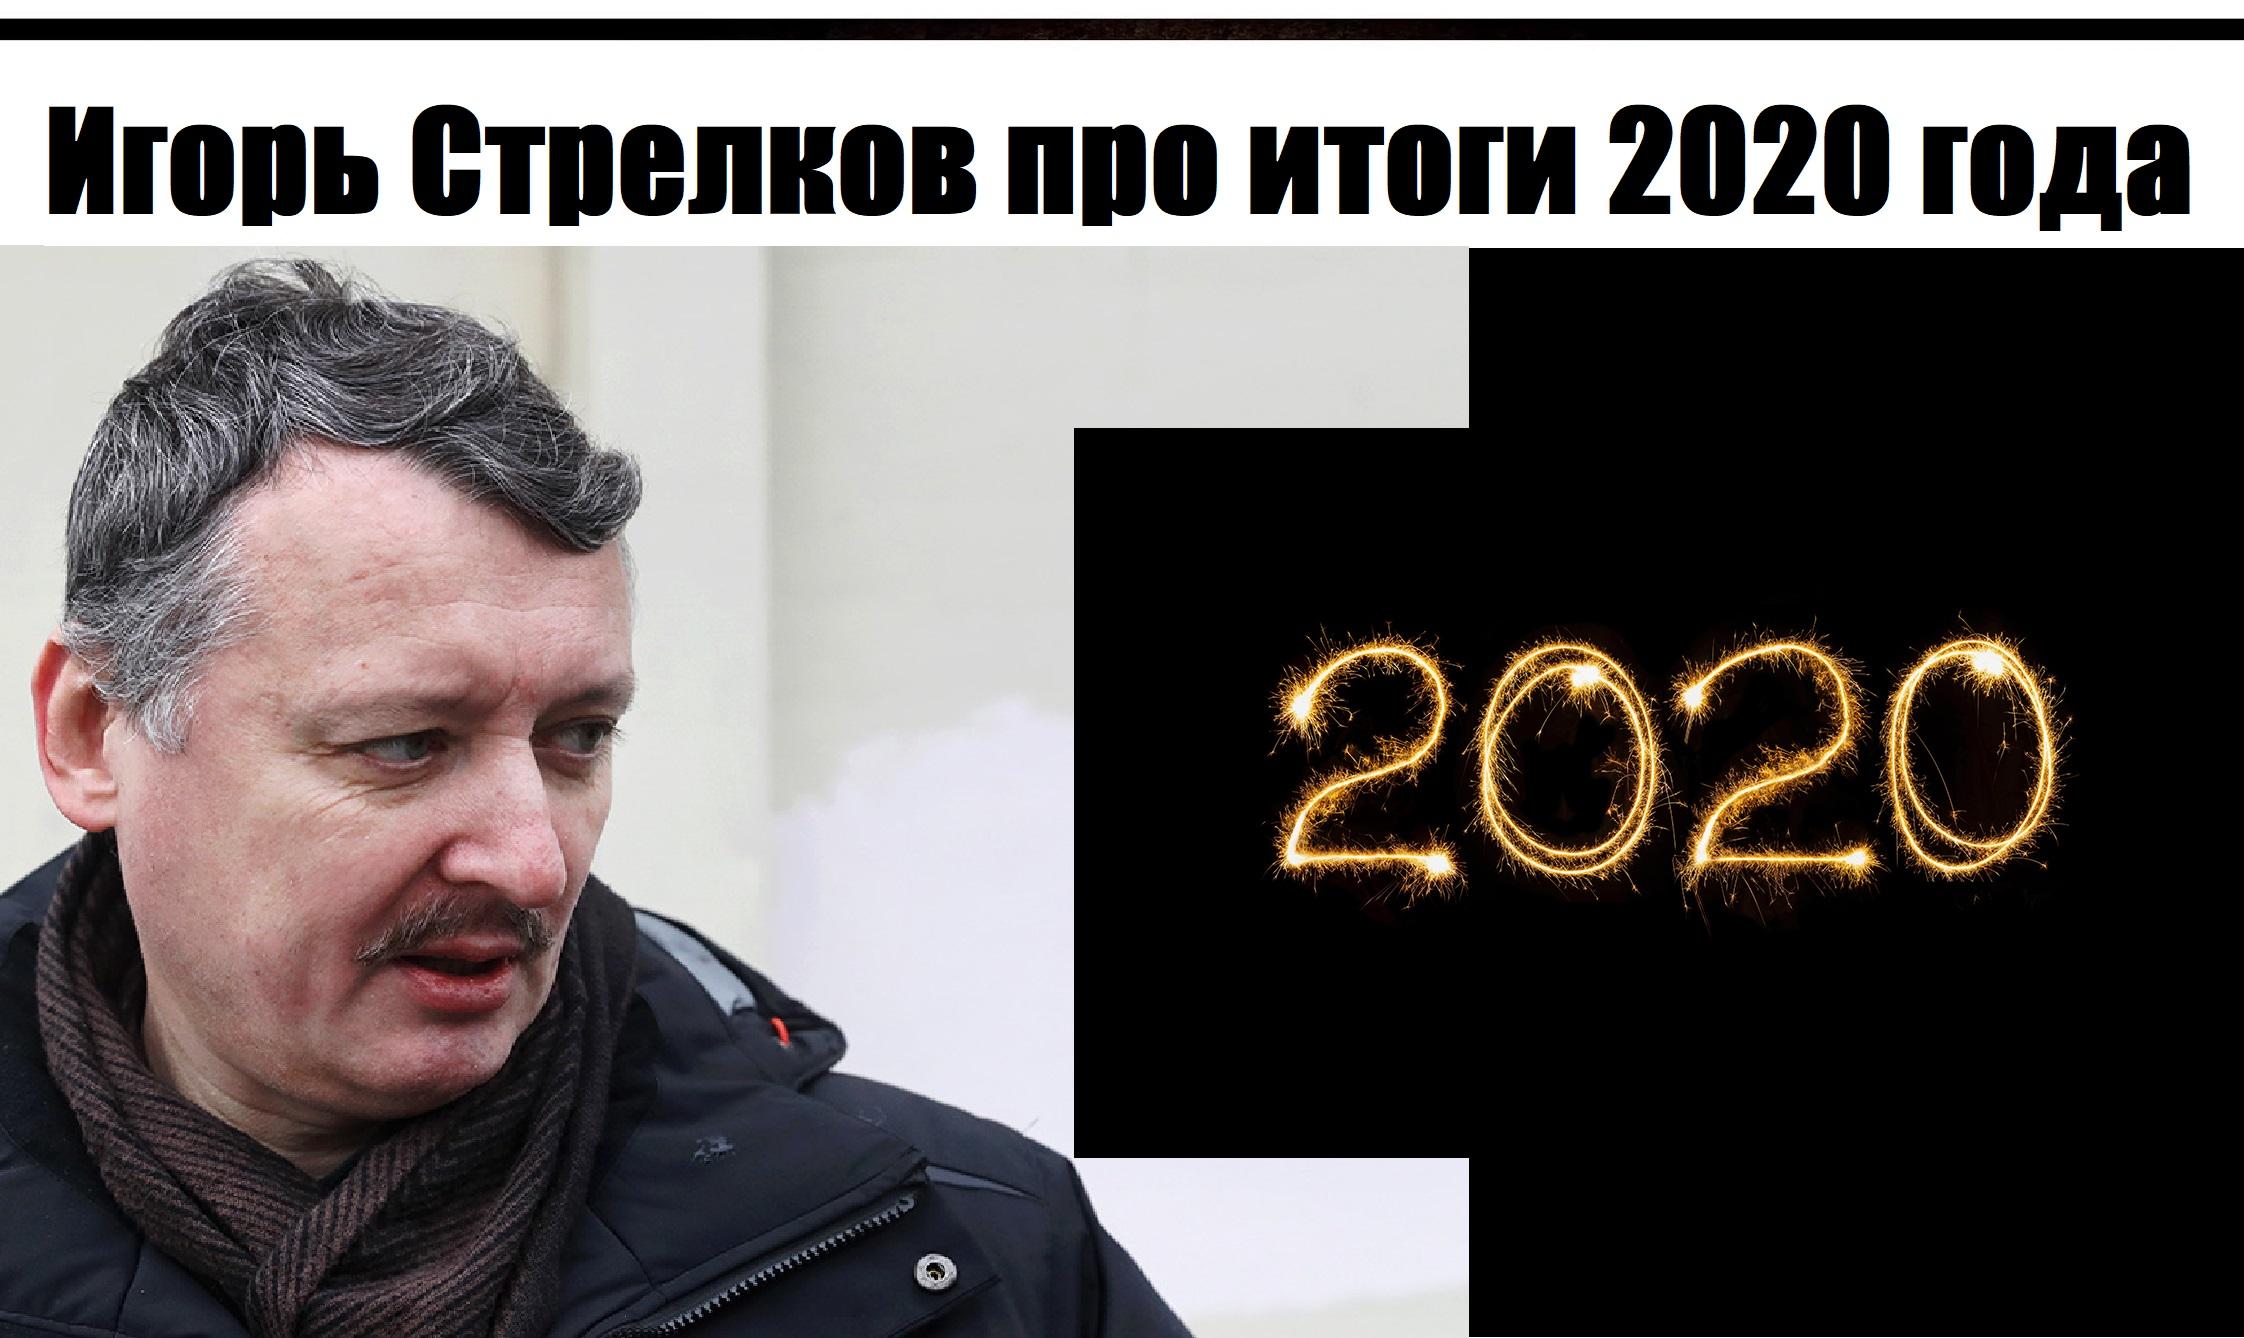 Игорь Стрелков итоги 2020